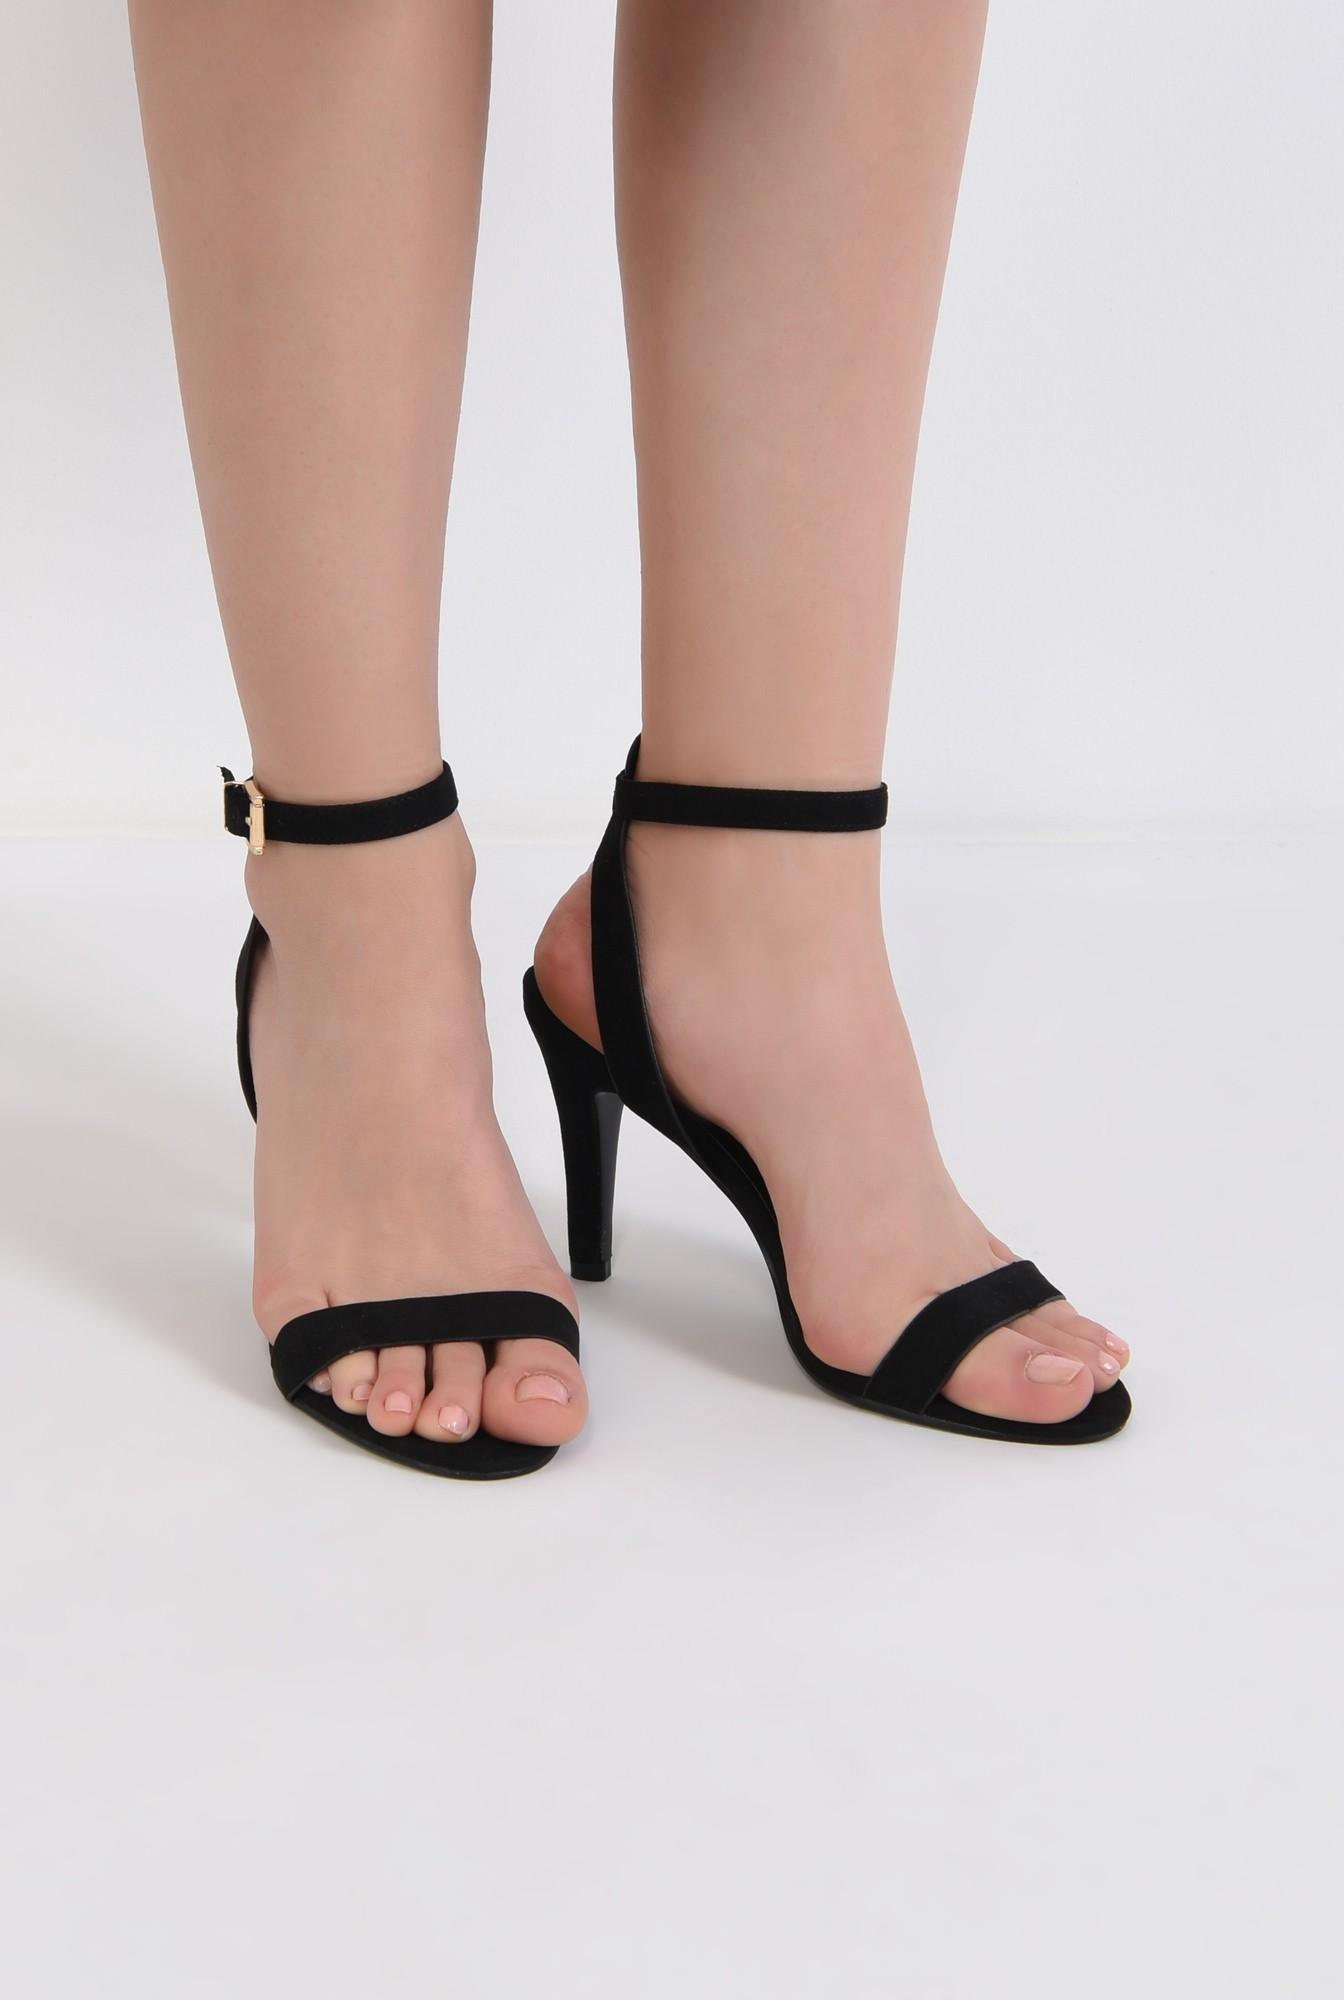 3 - sandale casual, toc subtire, bareta la glezna, negru